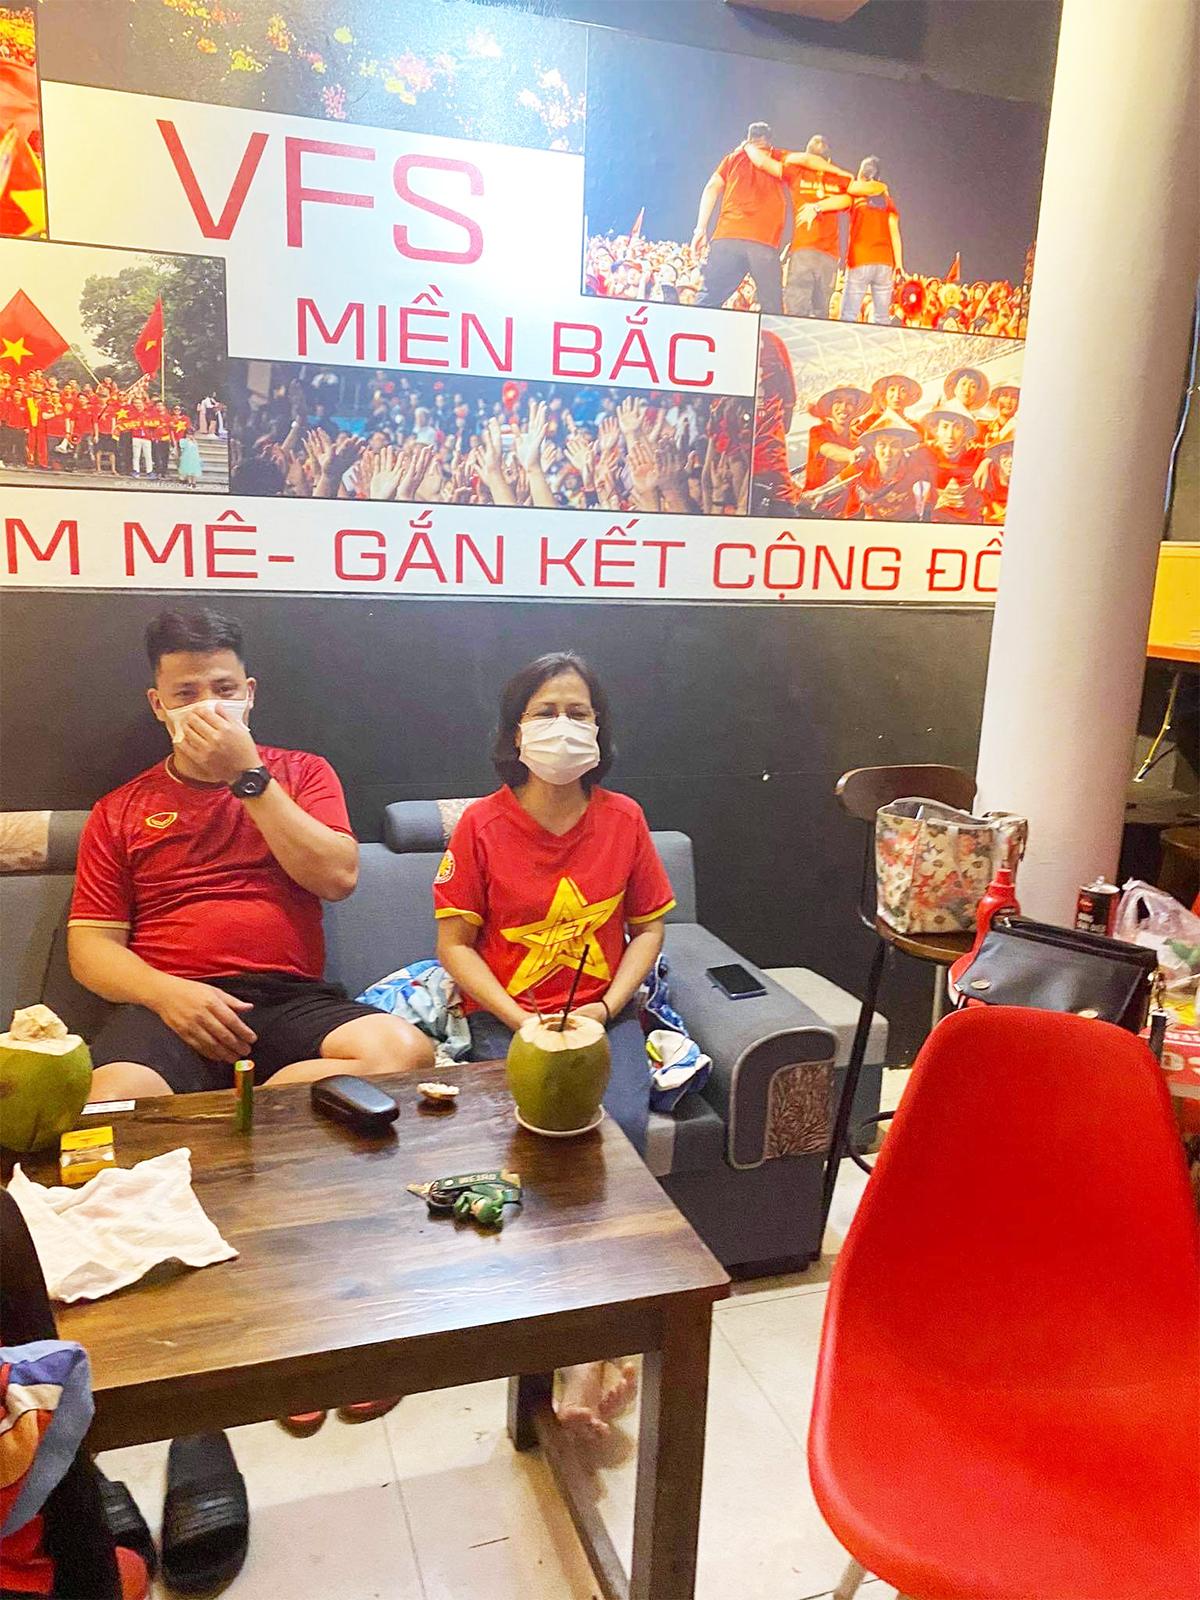 Việt Nam thắng Indonesia 4-0 giữa mùa dịch: Người đeo khẩu trang, người đóng cửa cổ vũ - hình ảnh 5